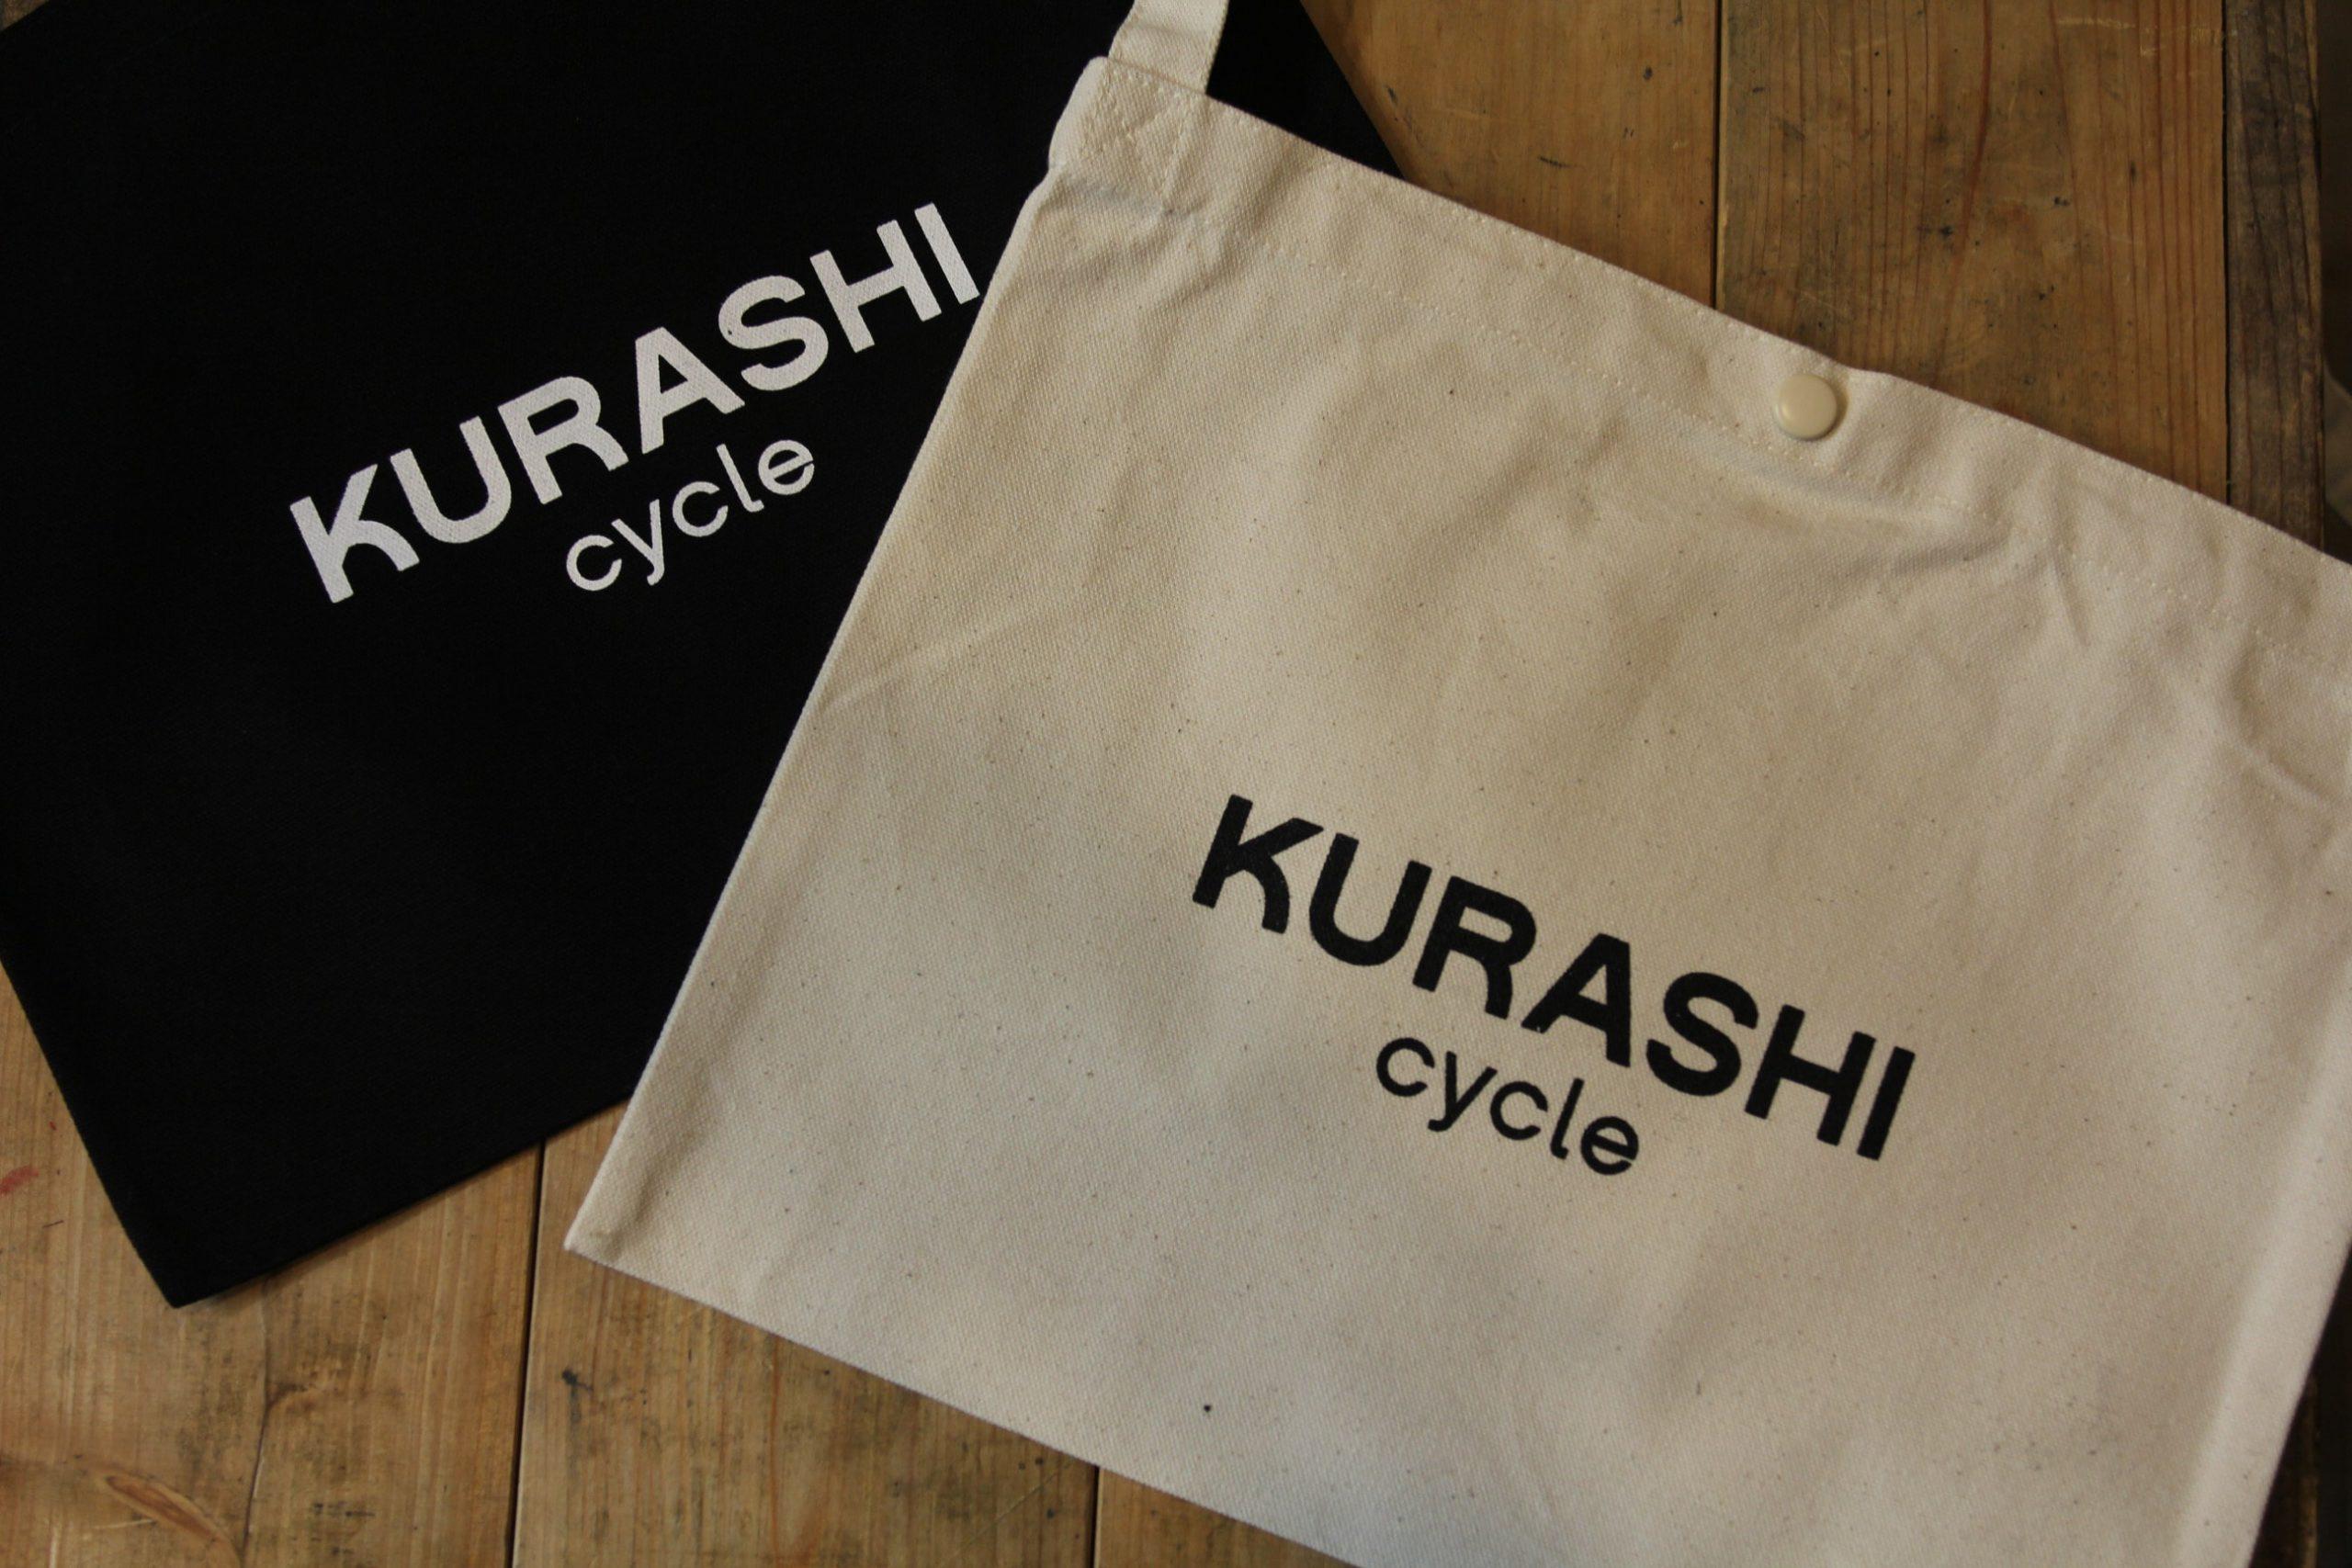 自転車ご購入の方にKURASHI cycle サコッシュをプレゼント